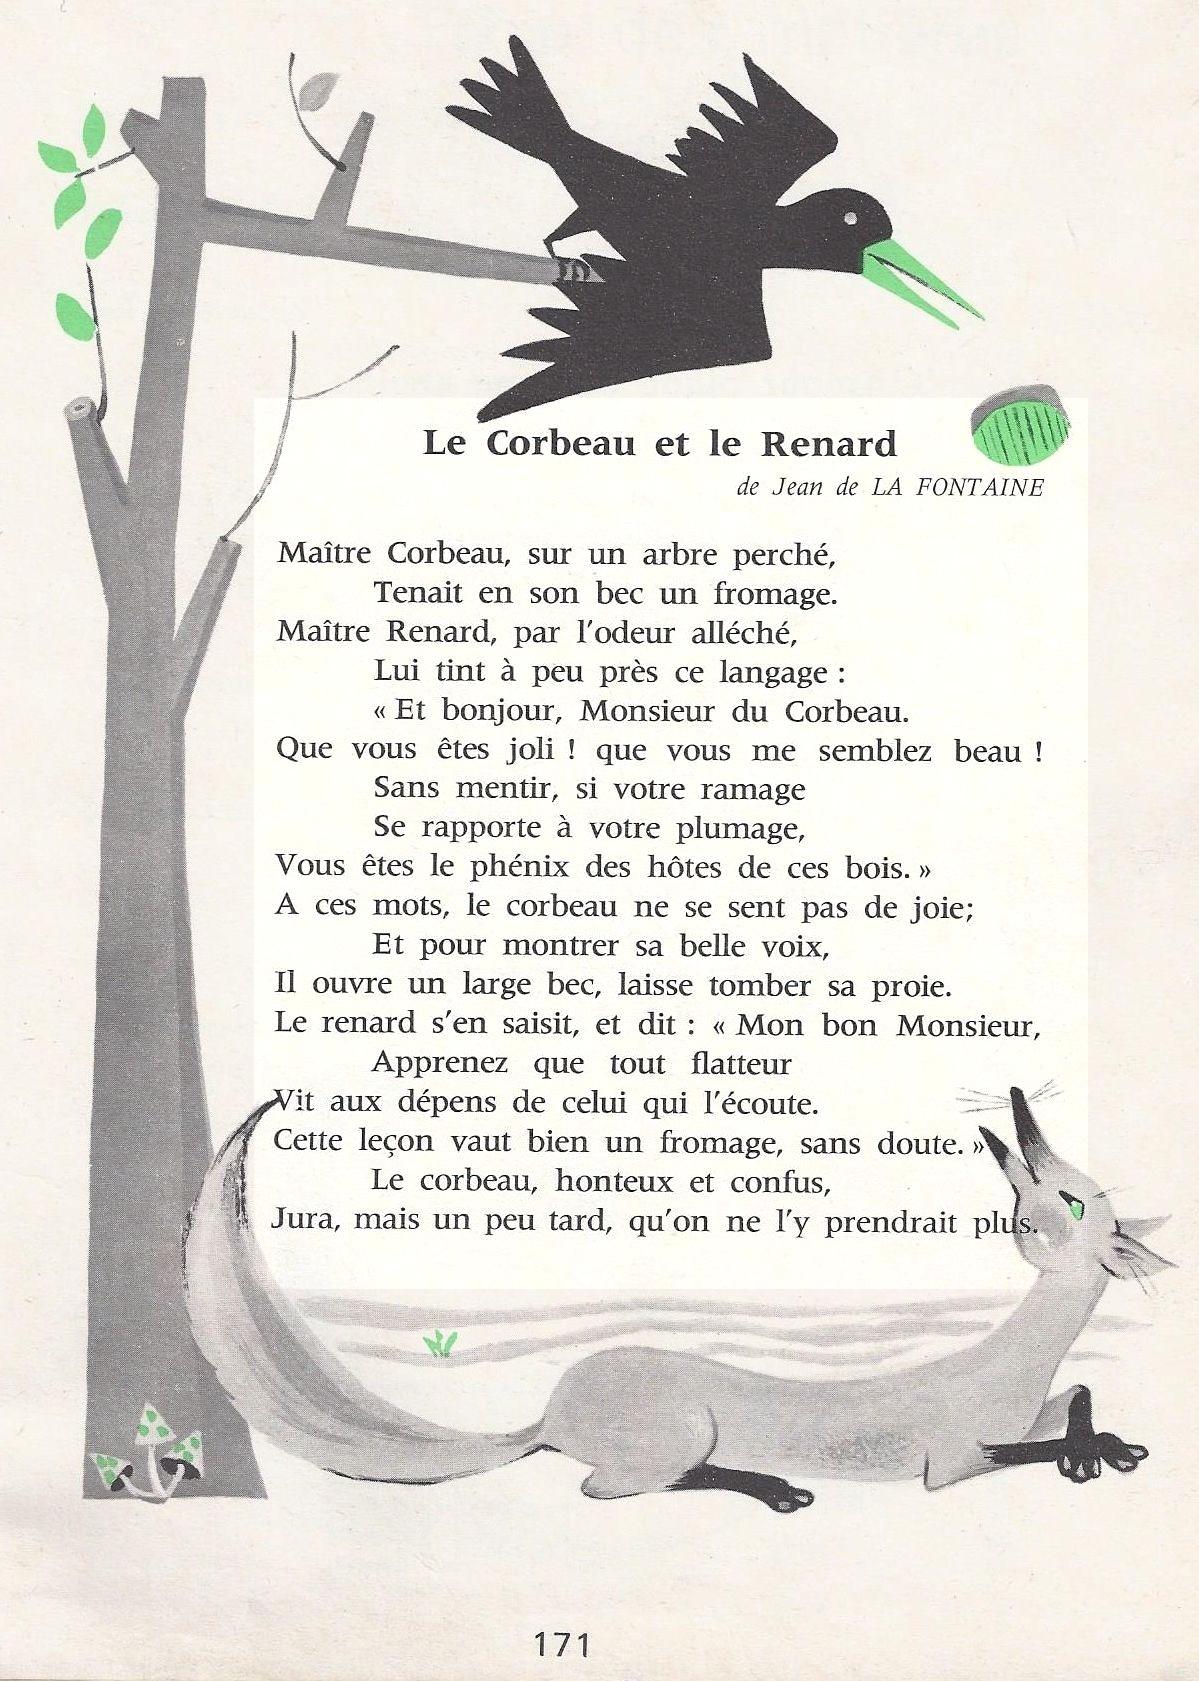 Poesie Le Corbeau Et Le Renard à Dessin Du Corbeau Et Du Renard